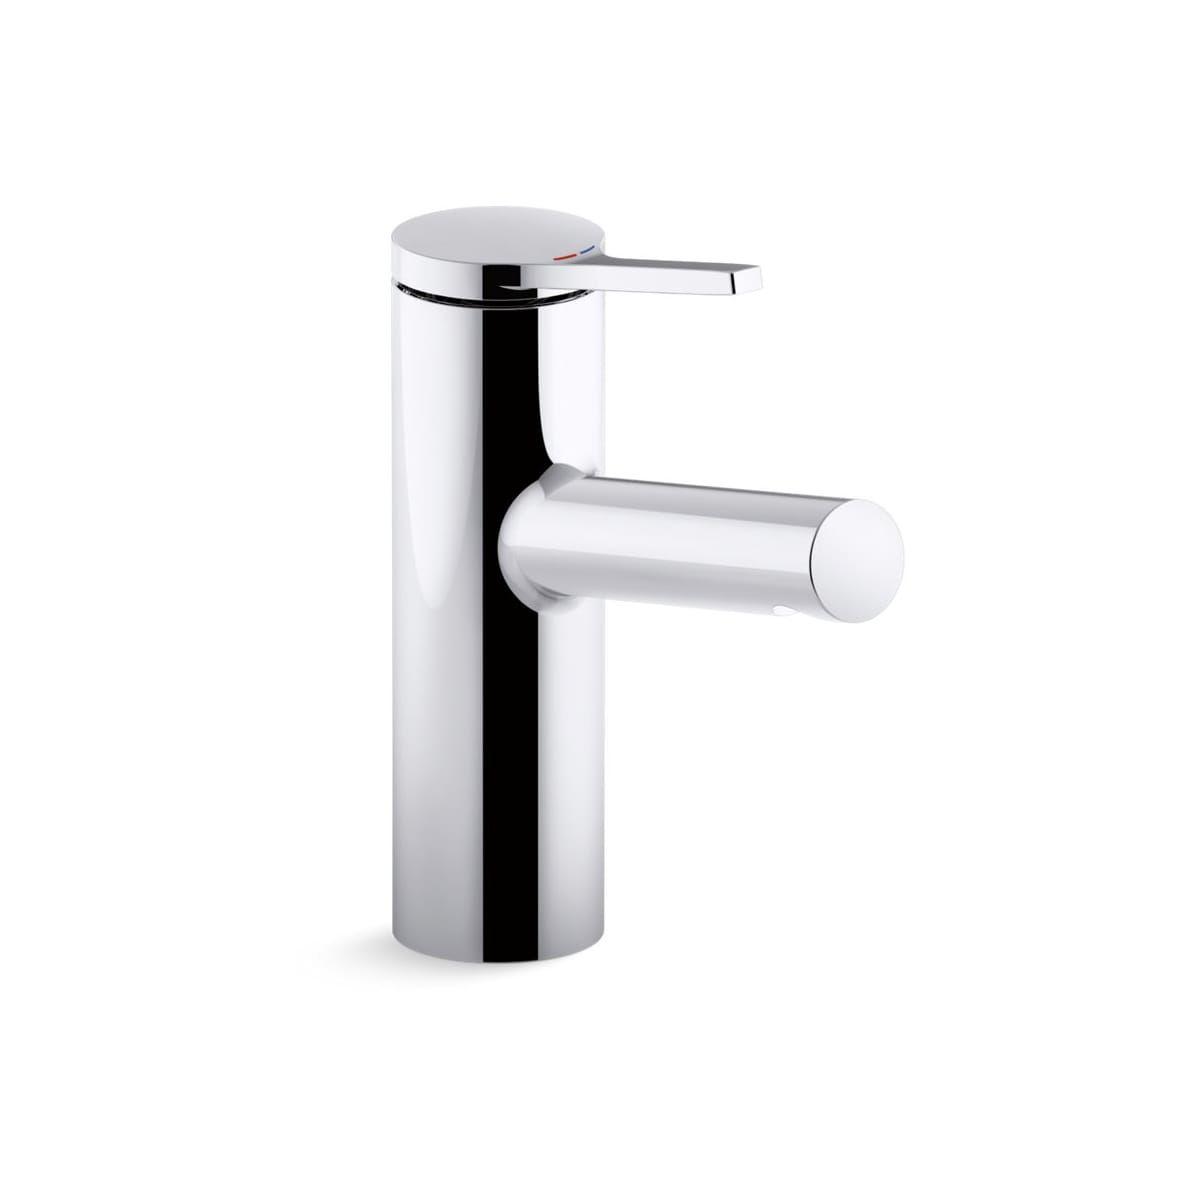 Kohler Elate Single Handle Bathroom Sink Faucet Sink Faucets